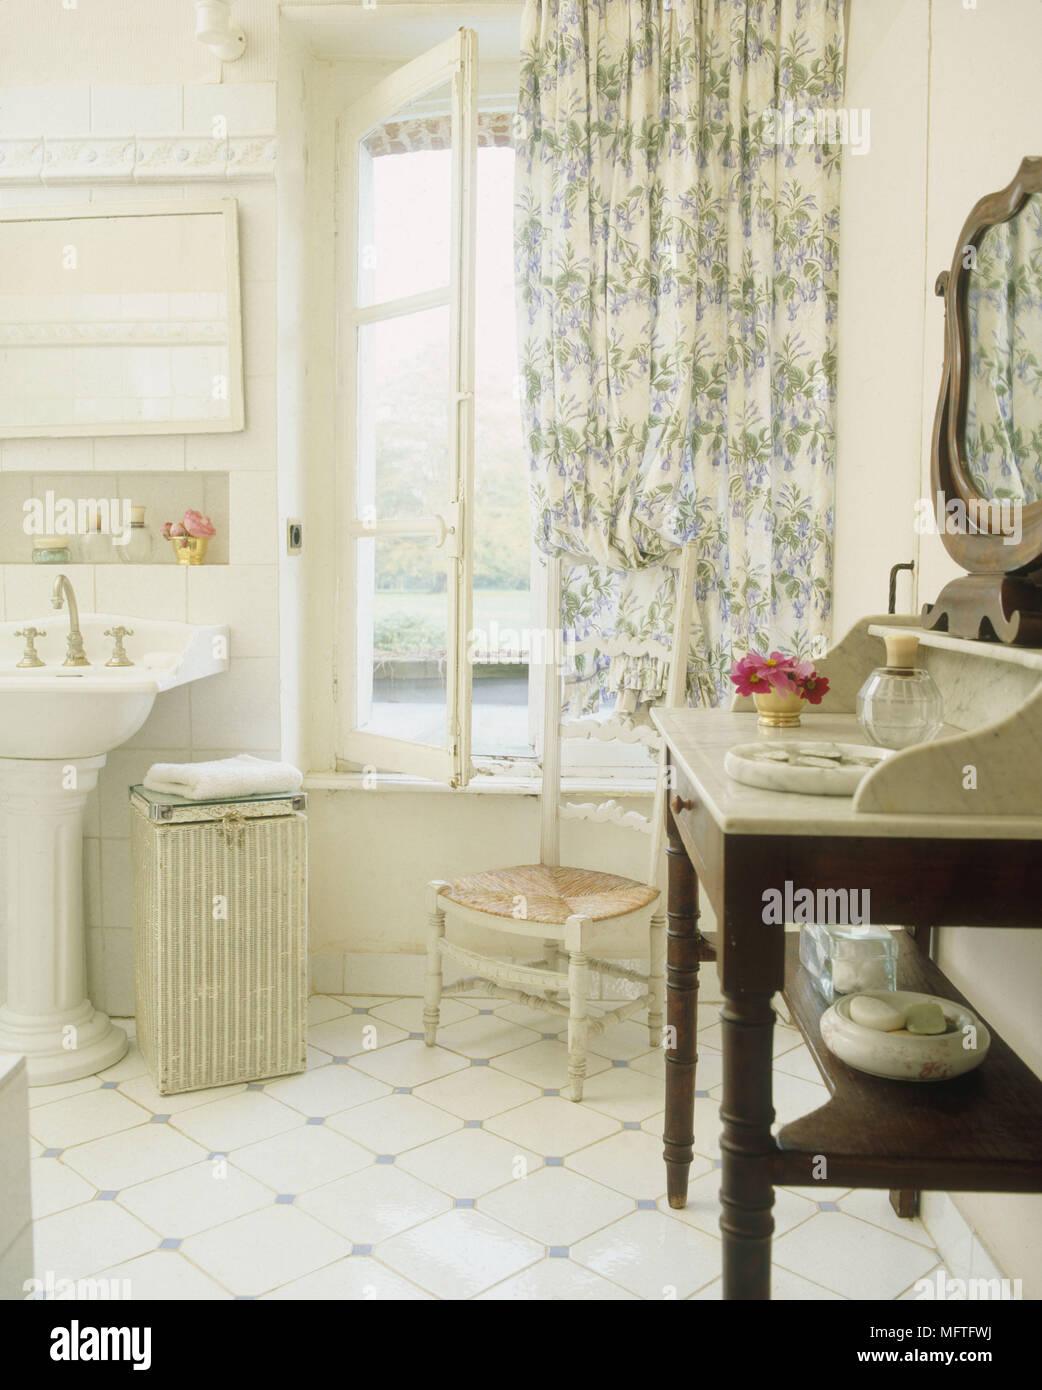 Lavandino Bagno Con Piede lavabo con piedistallo bianco immagini & lavabo con